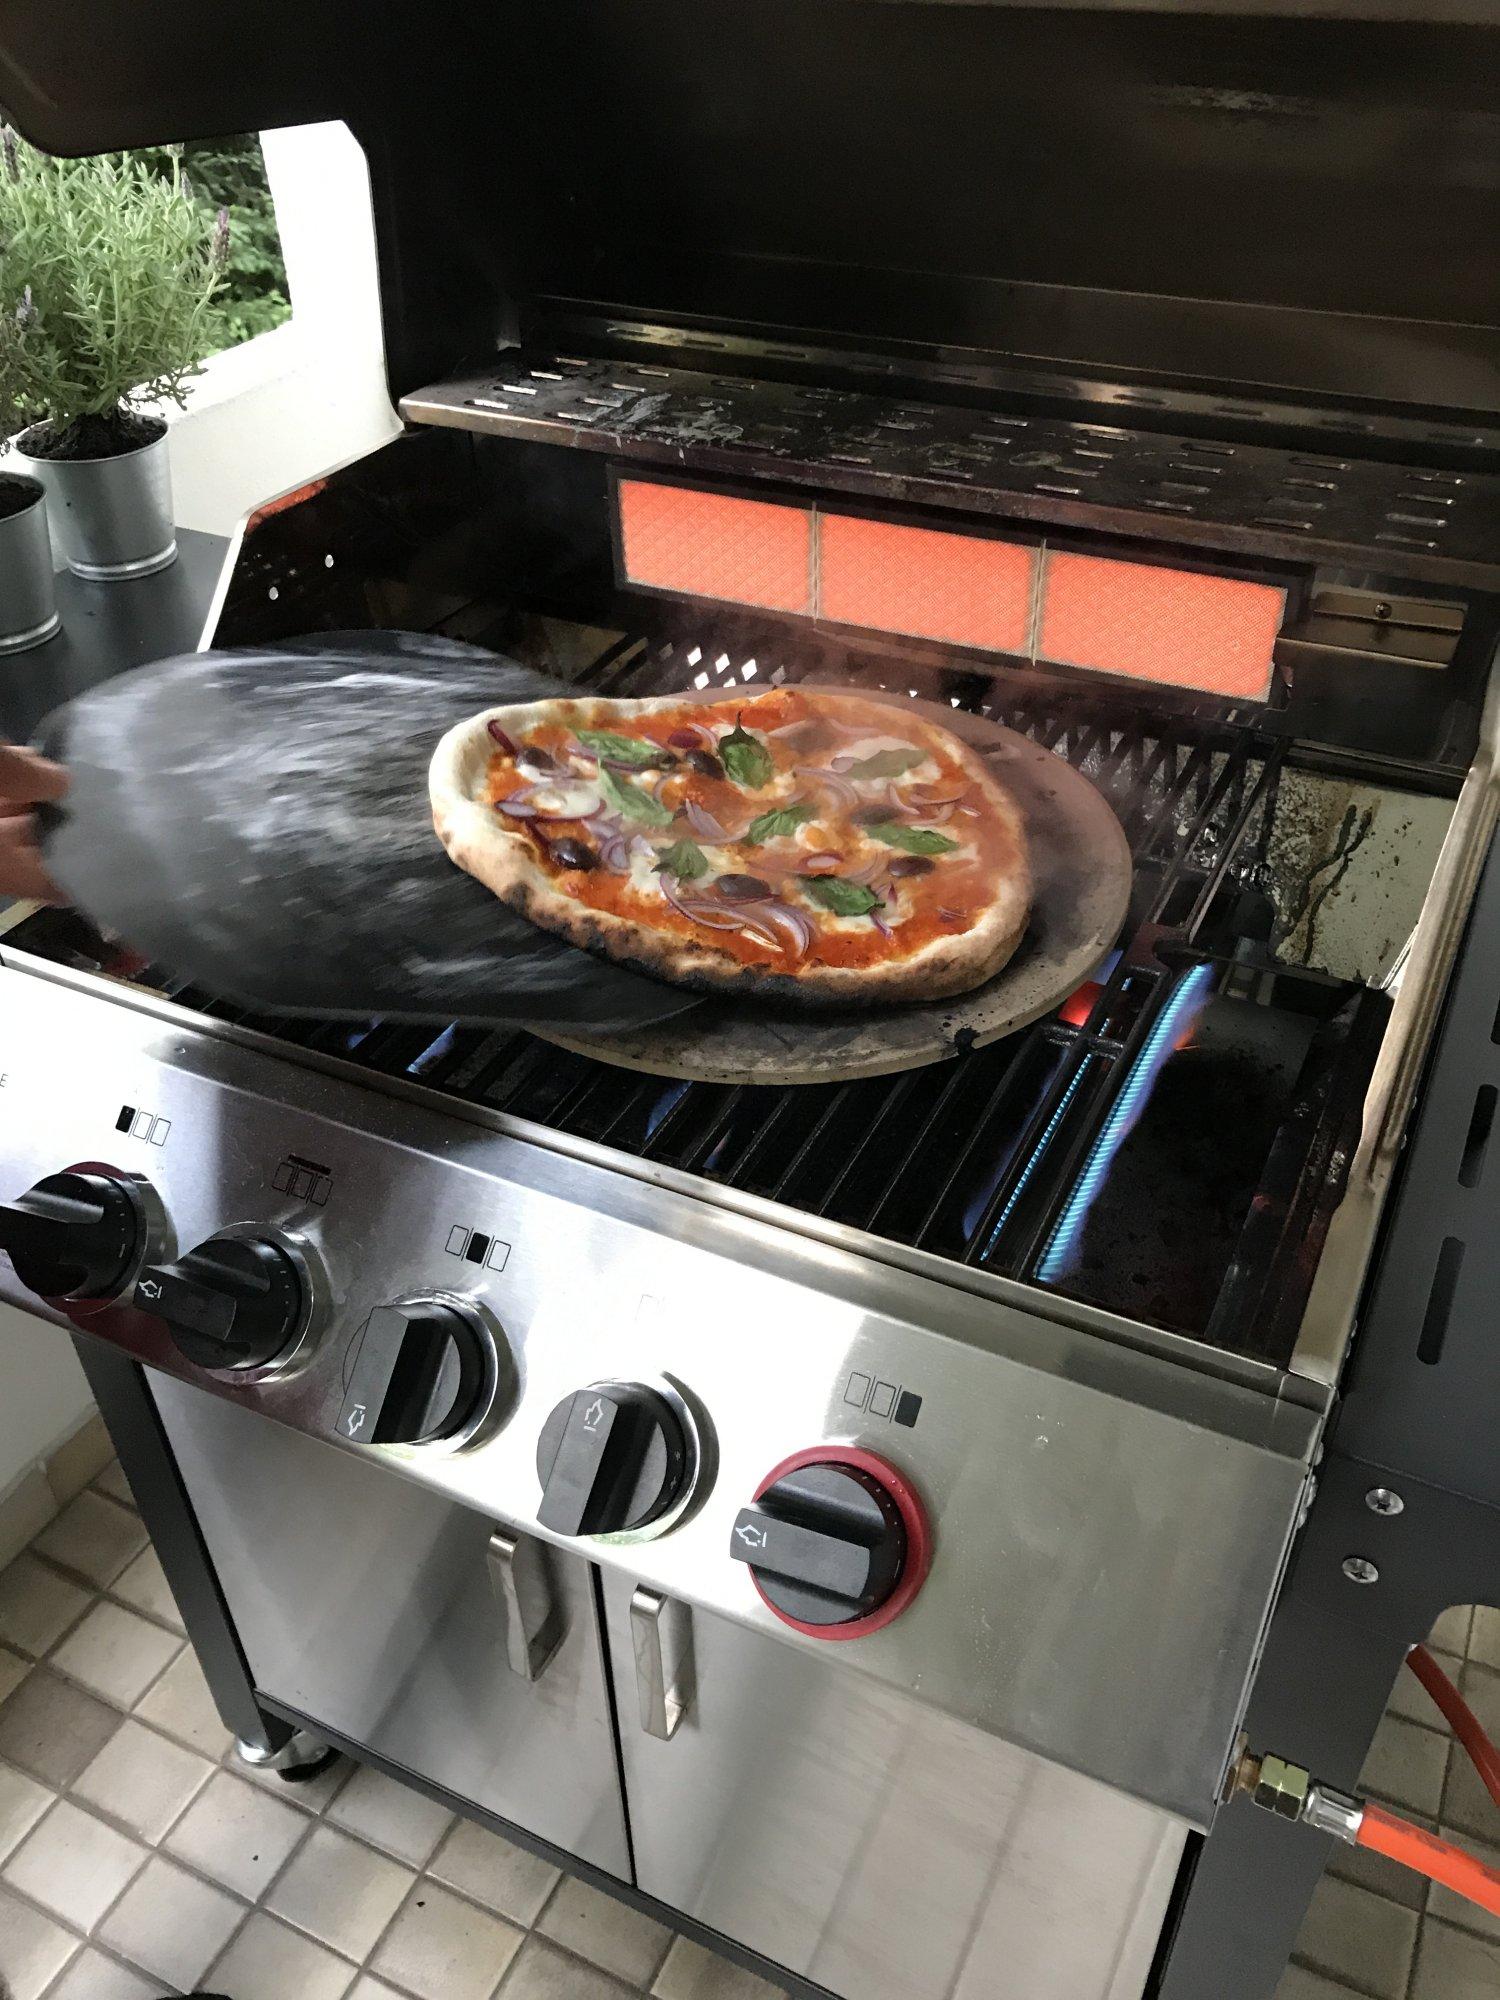 enders monroe 3 sik turbo erste pizza grillforum und bbq. Black Bedroom Furniture Sets. Home Design Ideas